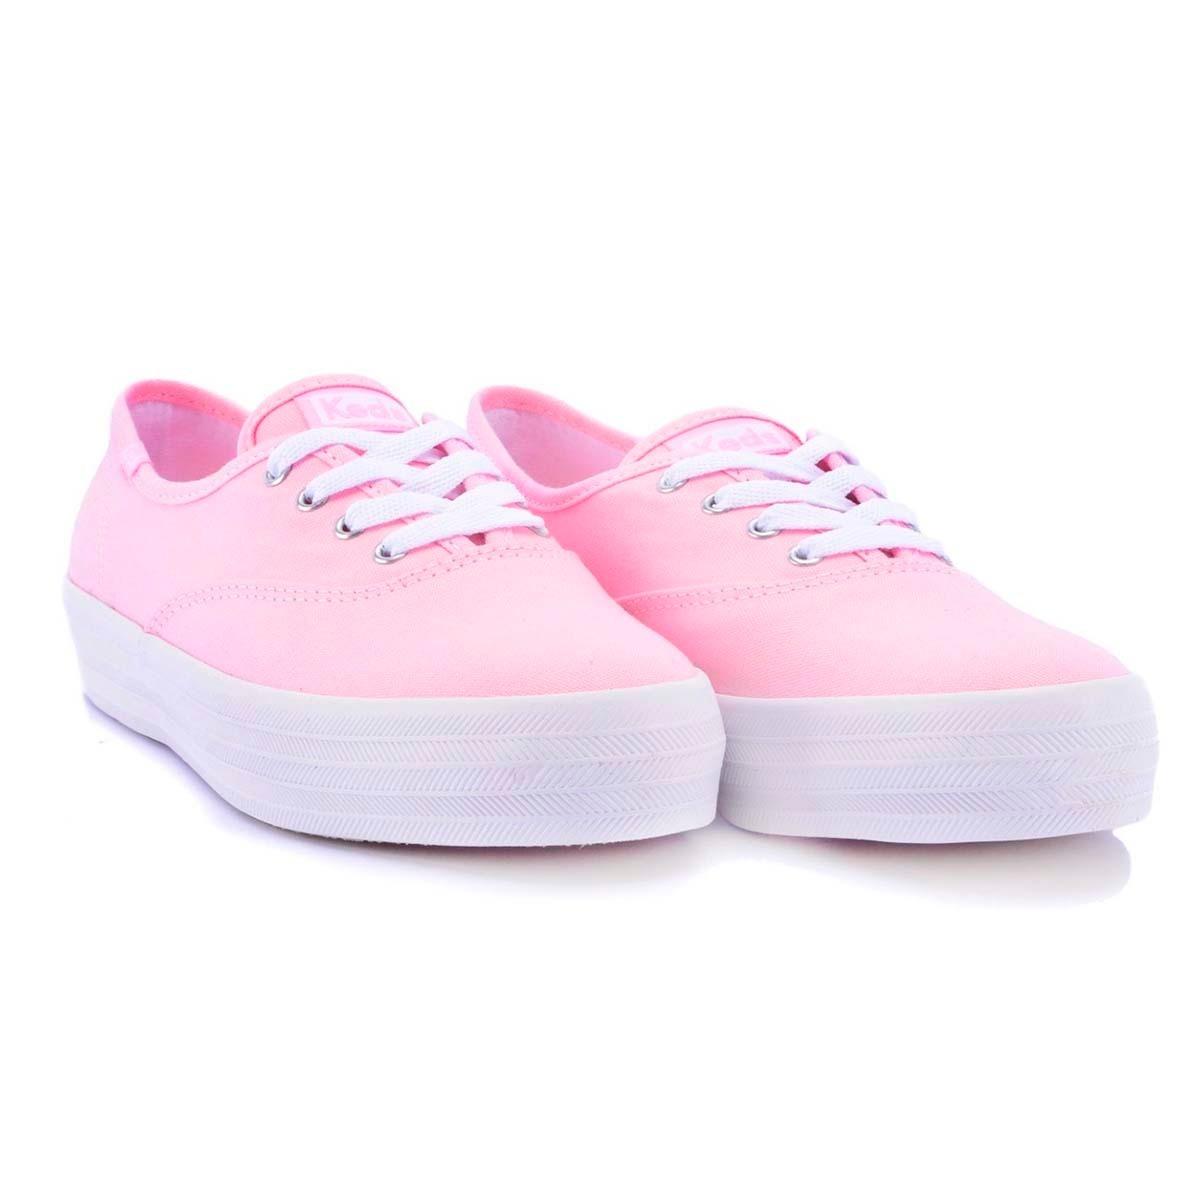 506224e40b tênis feminino keds blush rosa plataforma sola alta novo. Carregando zoom.